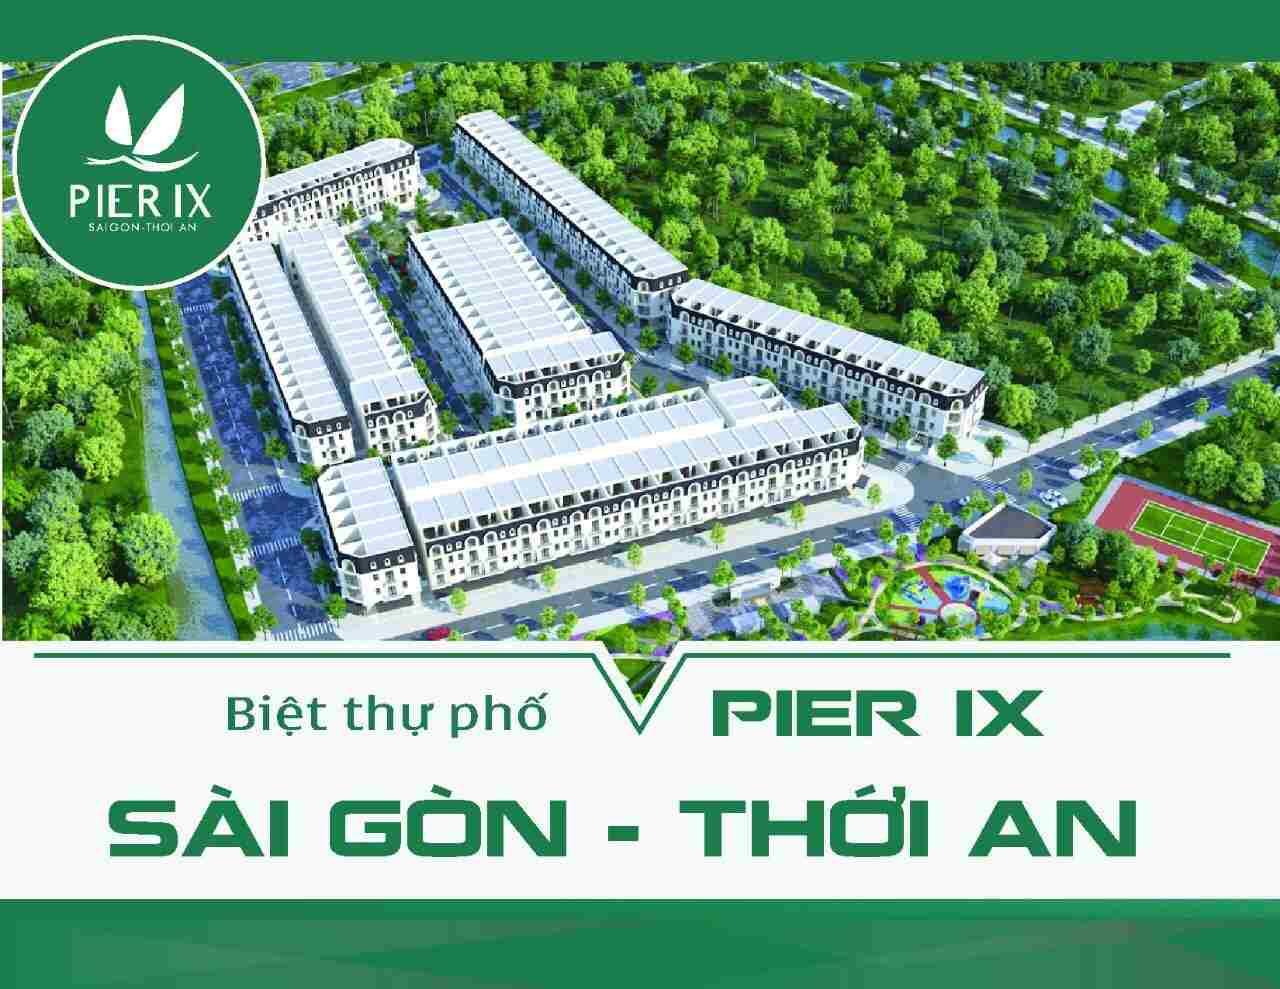 Pier IX Thới An Quận 12 - Tổng thể dự án đất nền nhà phố